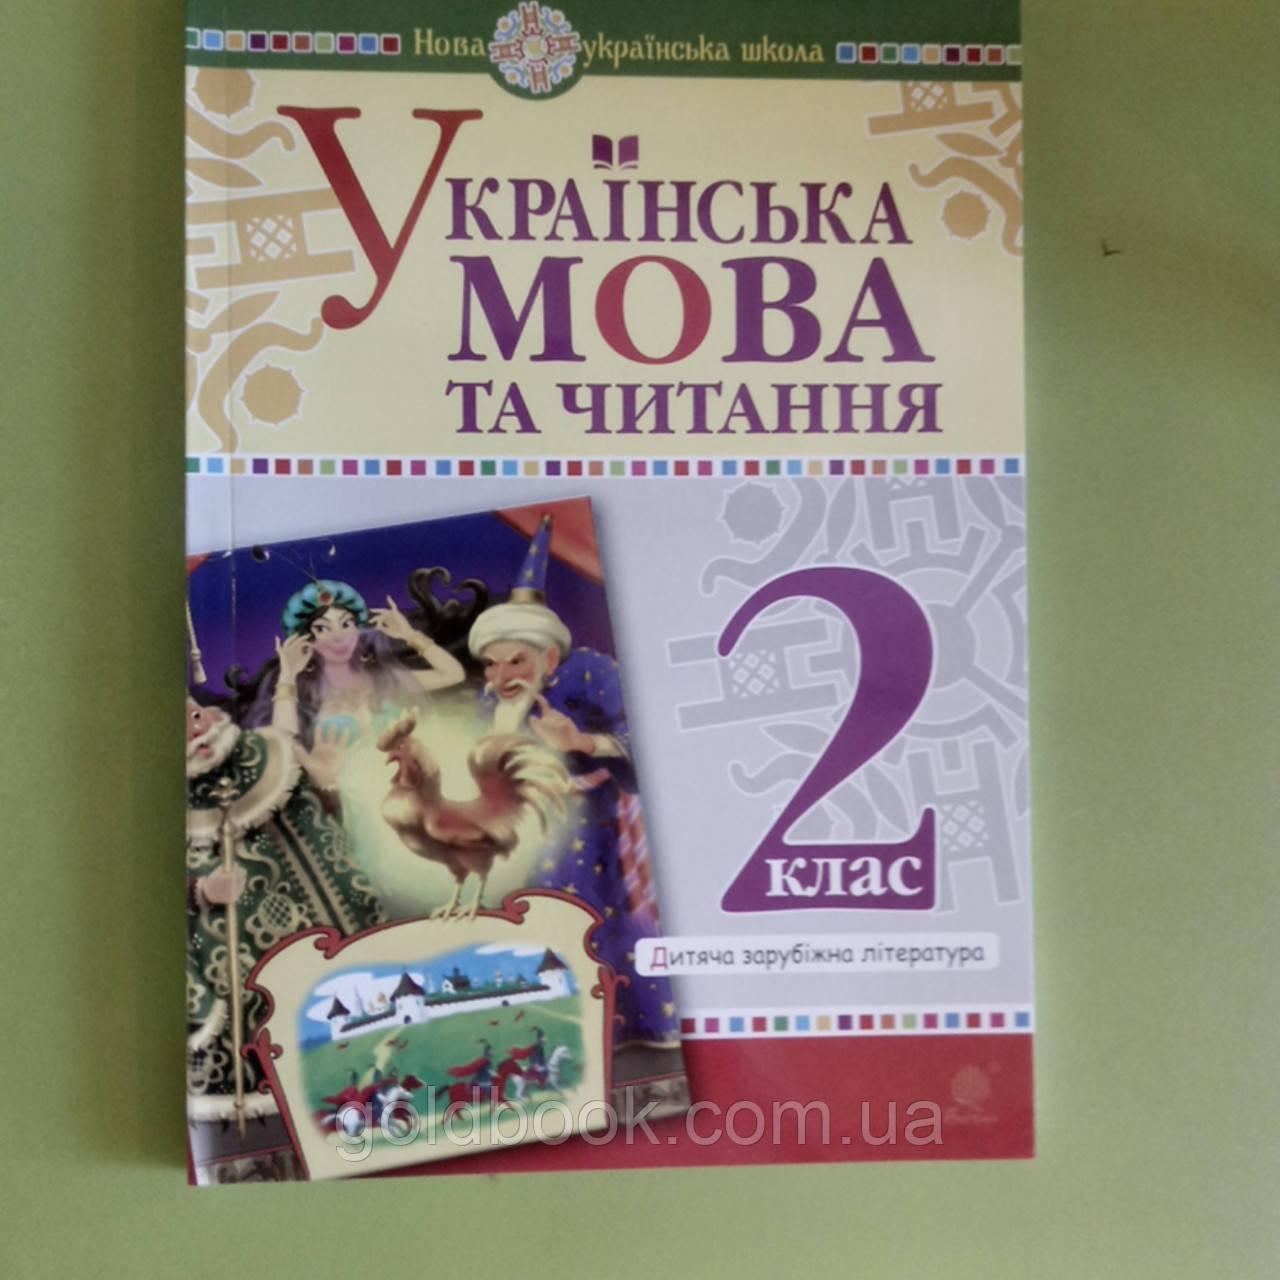 Українська мова та читання 2 клас.